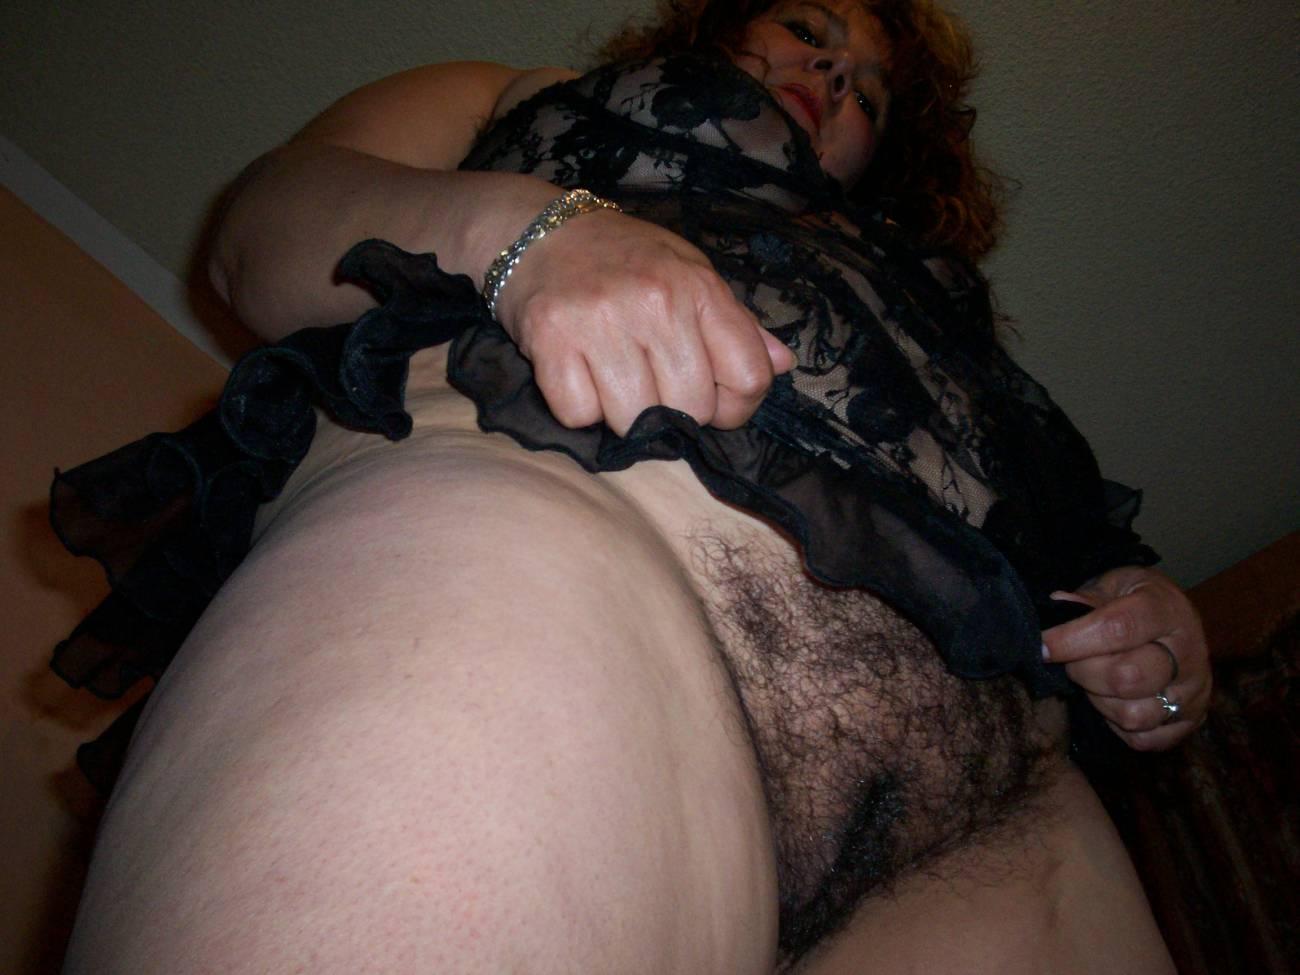 Фото мам в чулках волосатые, Зрелые женщины с волосатой пиздой - 91 фото 7 фотография